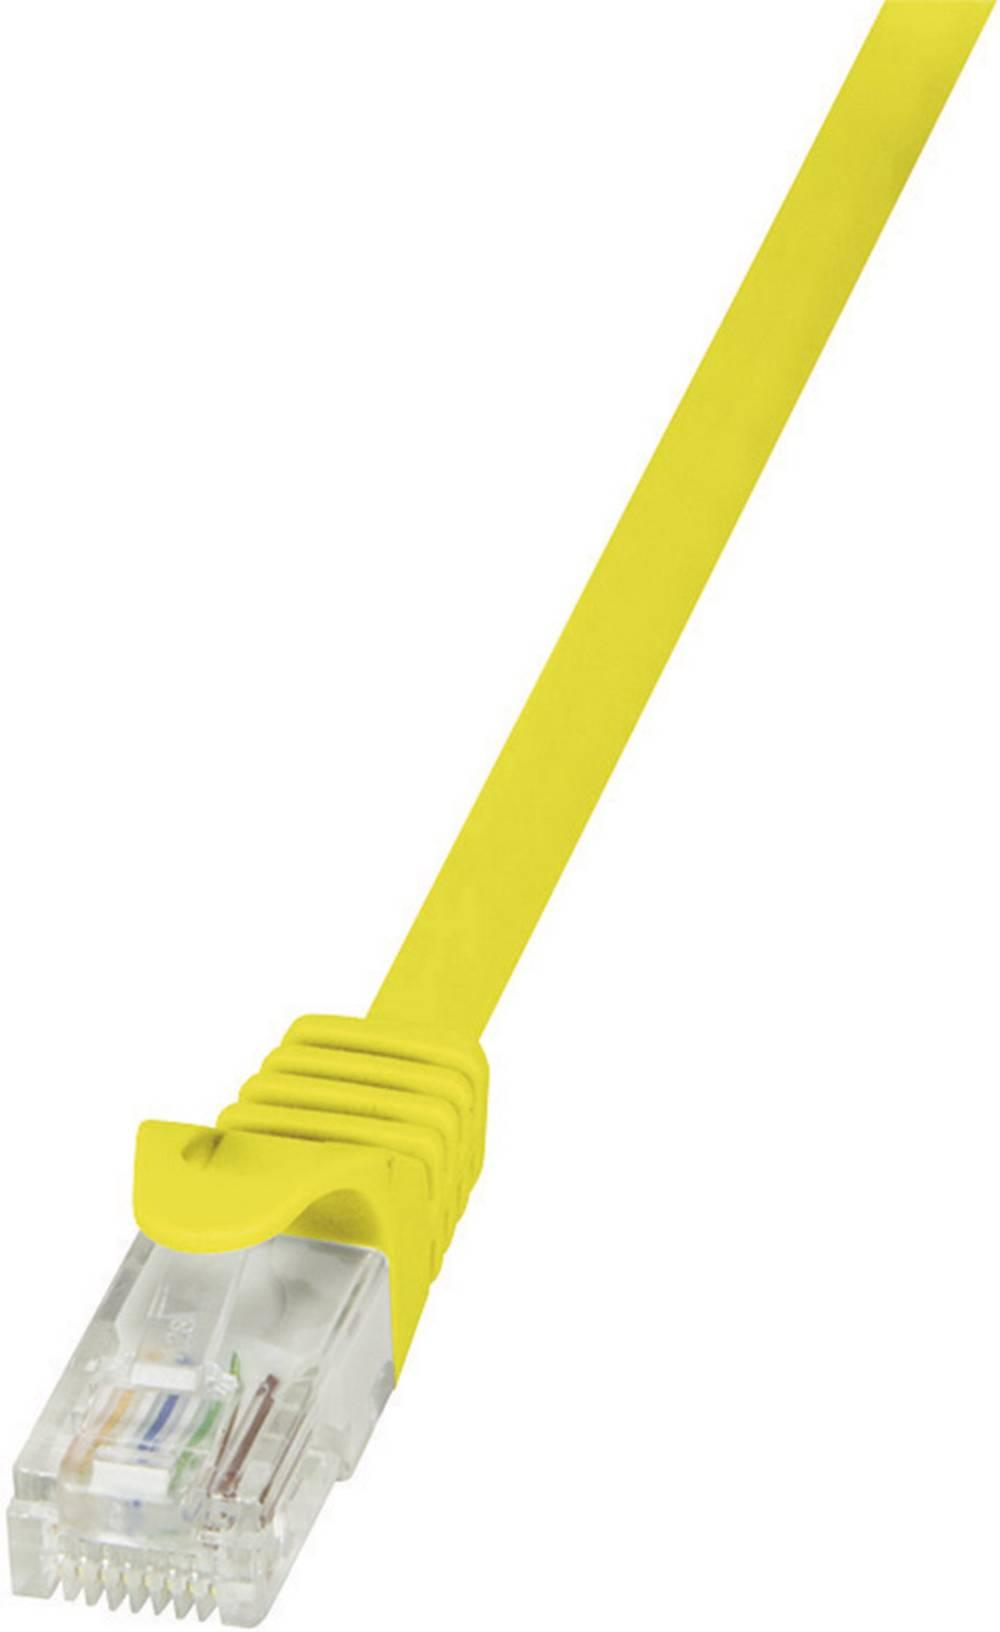 RJ45 mrežni kabel CAT 6 U/UTP LogiLink [1x RJ45 utikač - 1x RJ45 utikač] 0.25 m žuta sa zaštitom